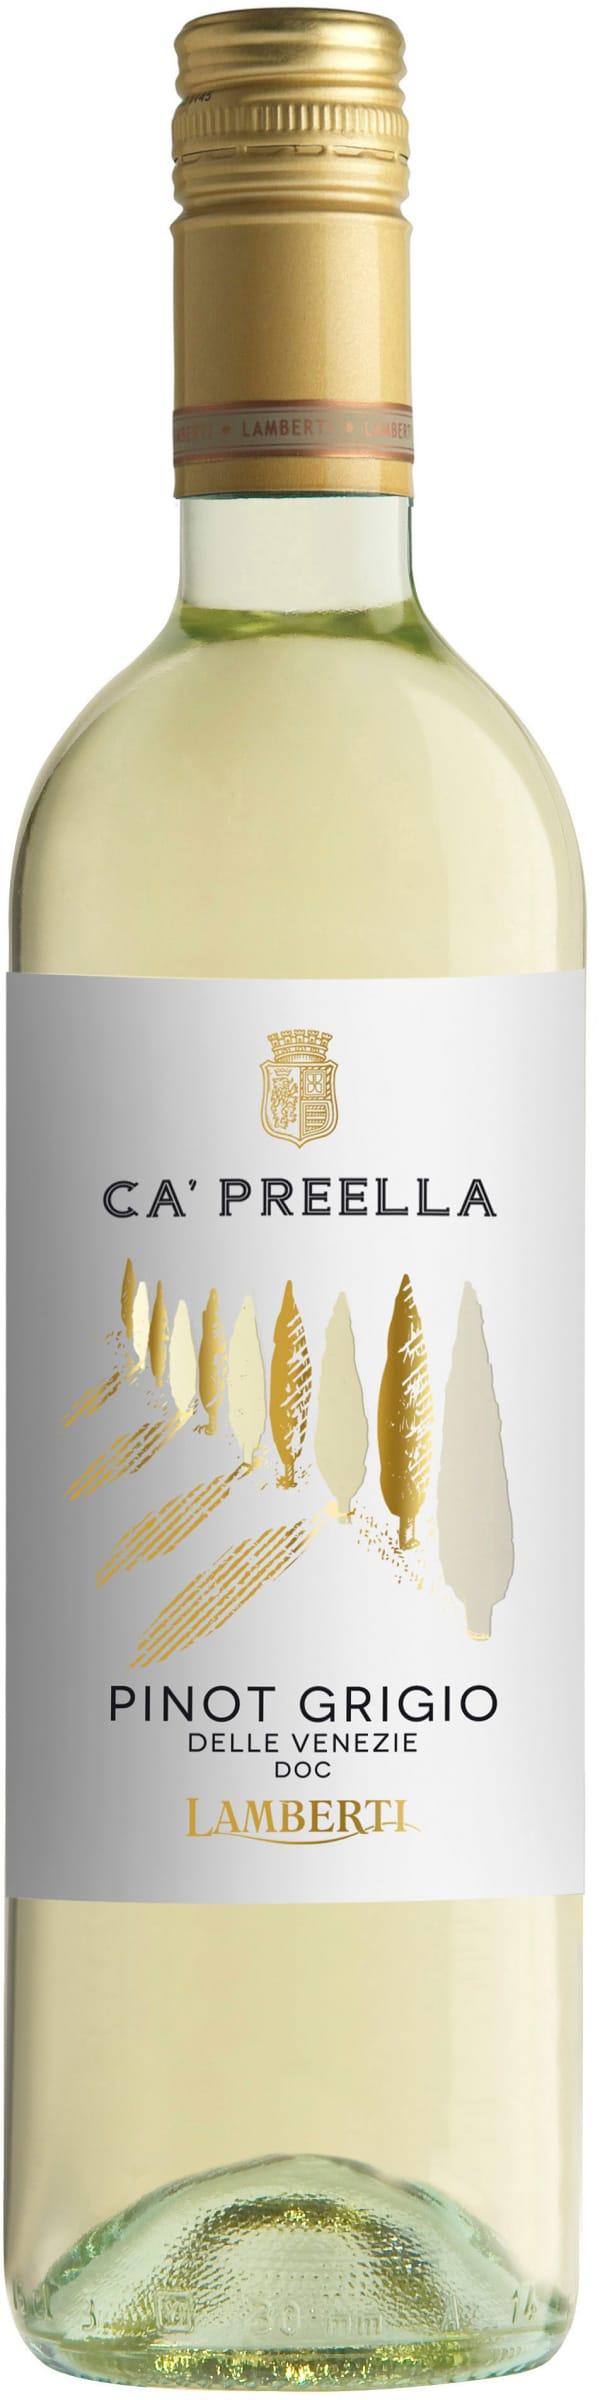 Lamberti Pinot Grigio Ca' Preella 2018